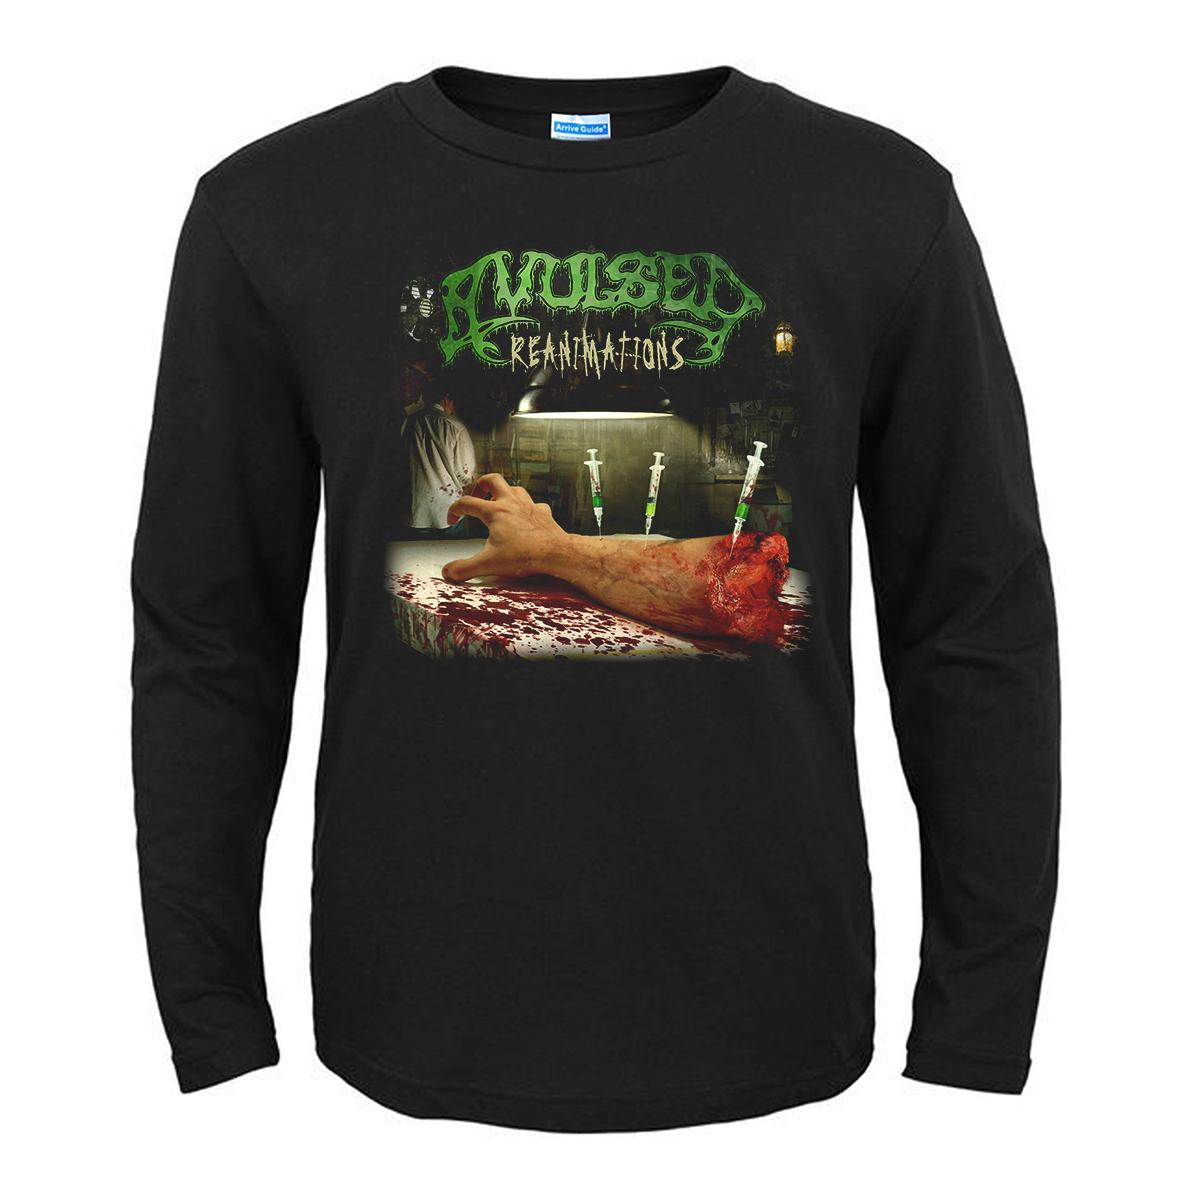 Merchandise T-Shirt Avulsed Reanimations